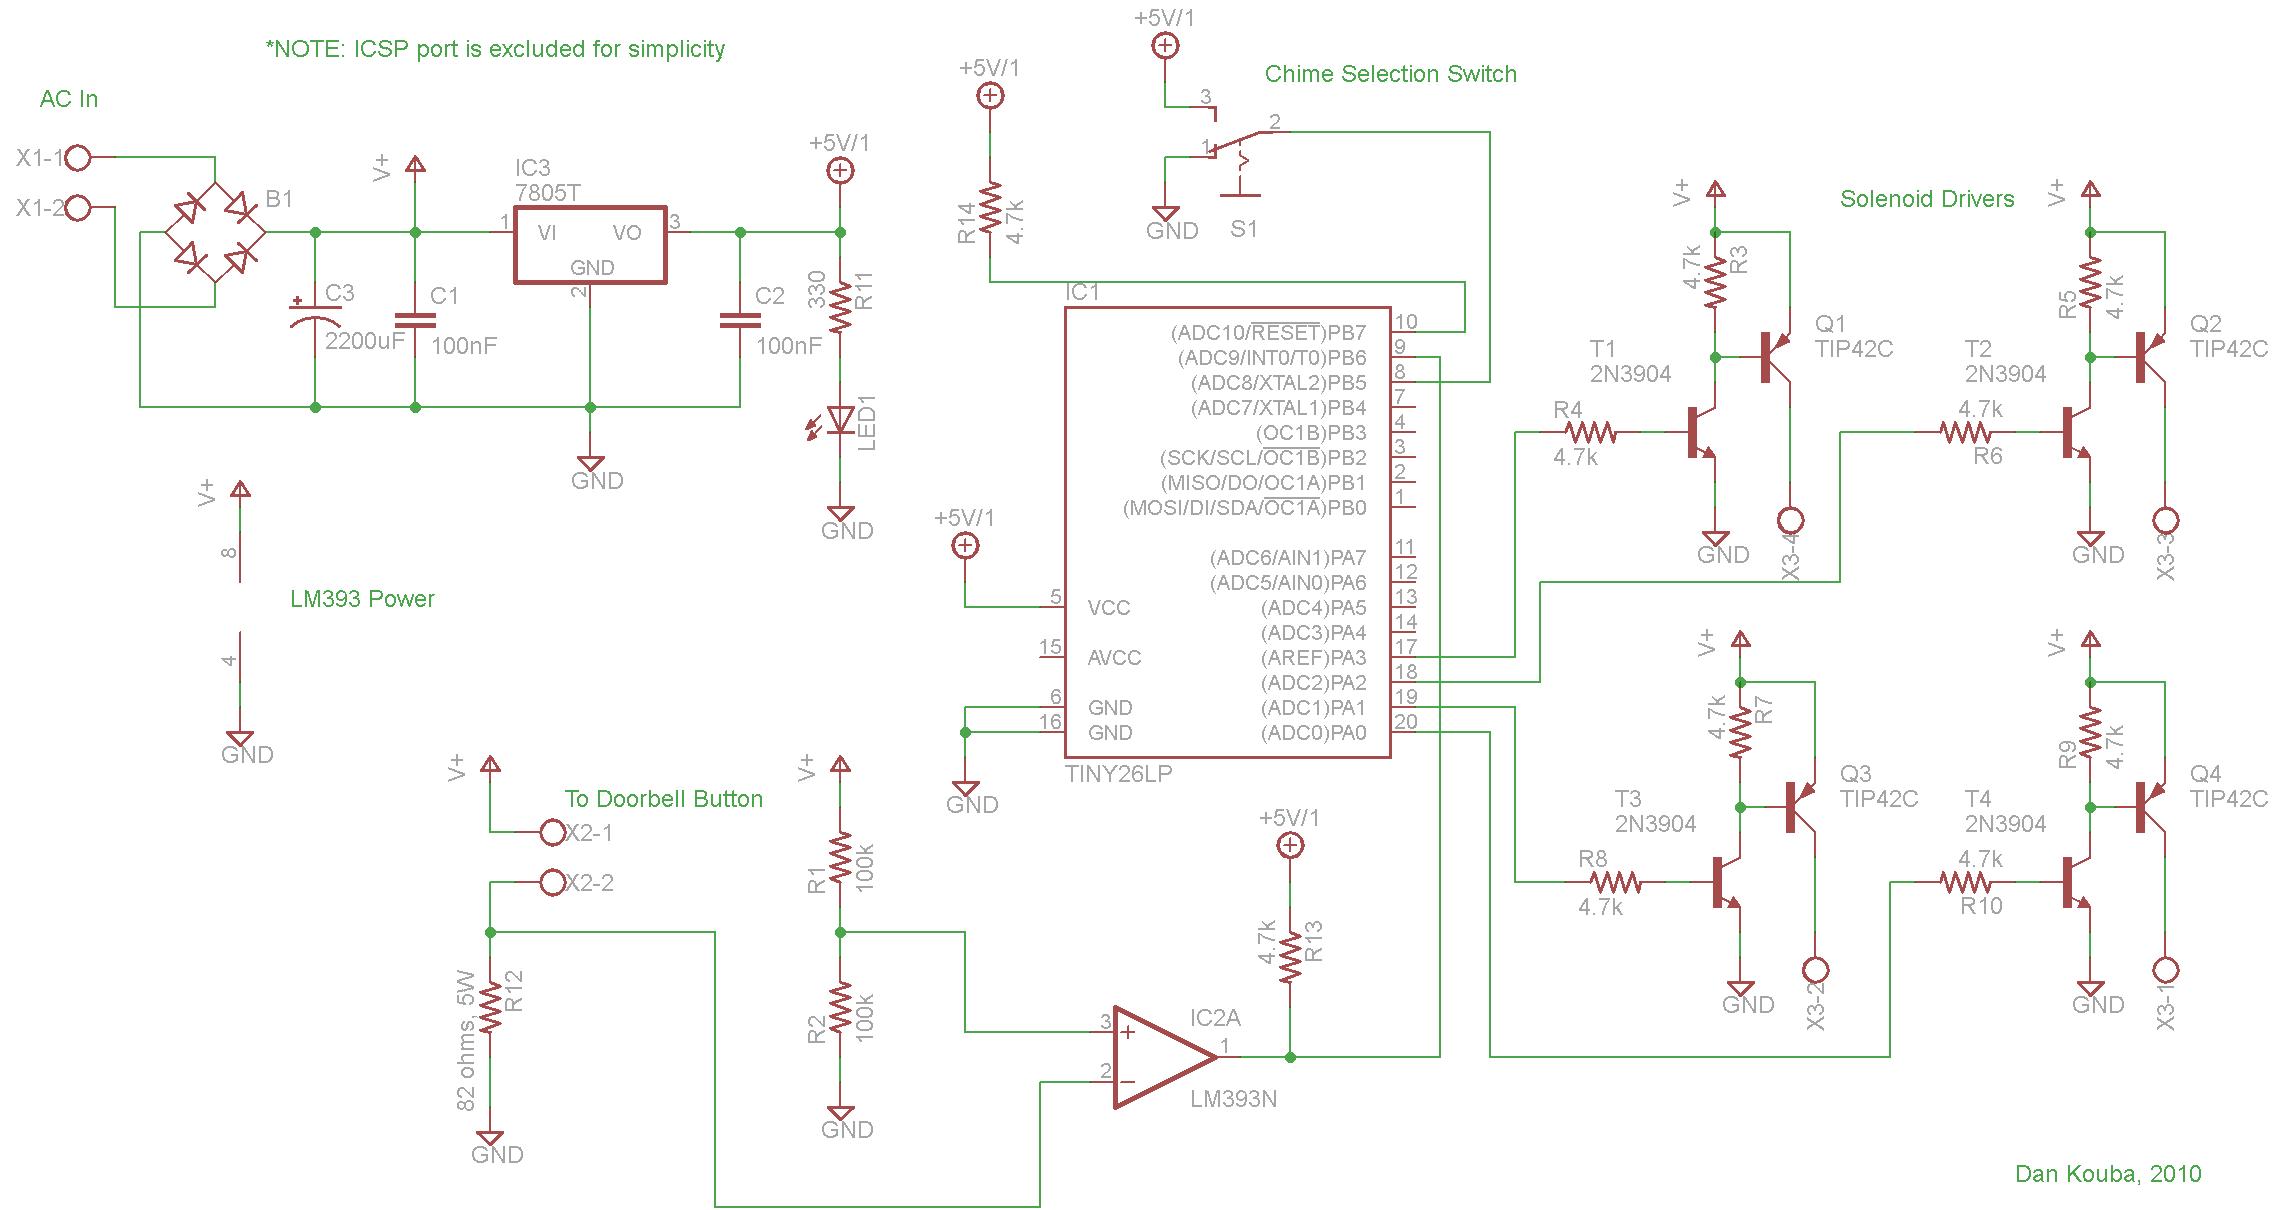 Schematic Door Bell Wiring Diagram from hackaday.com